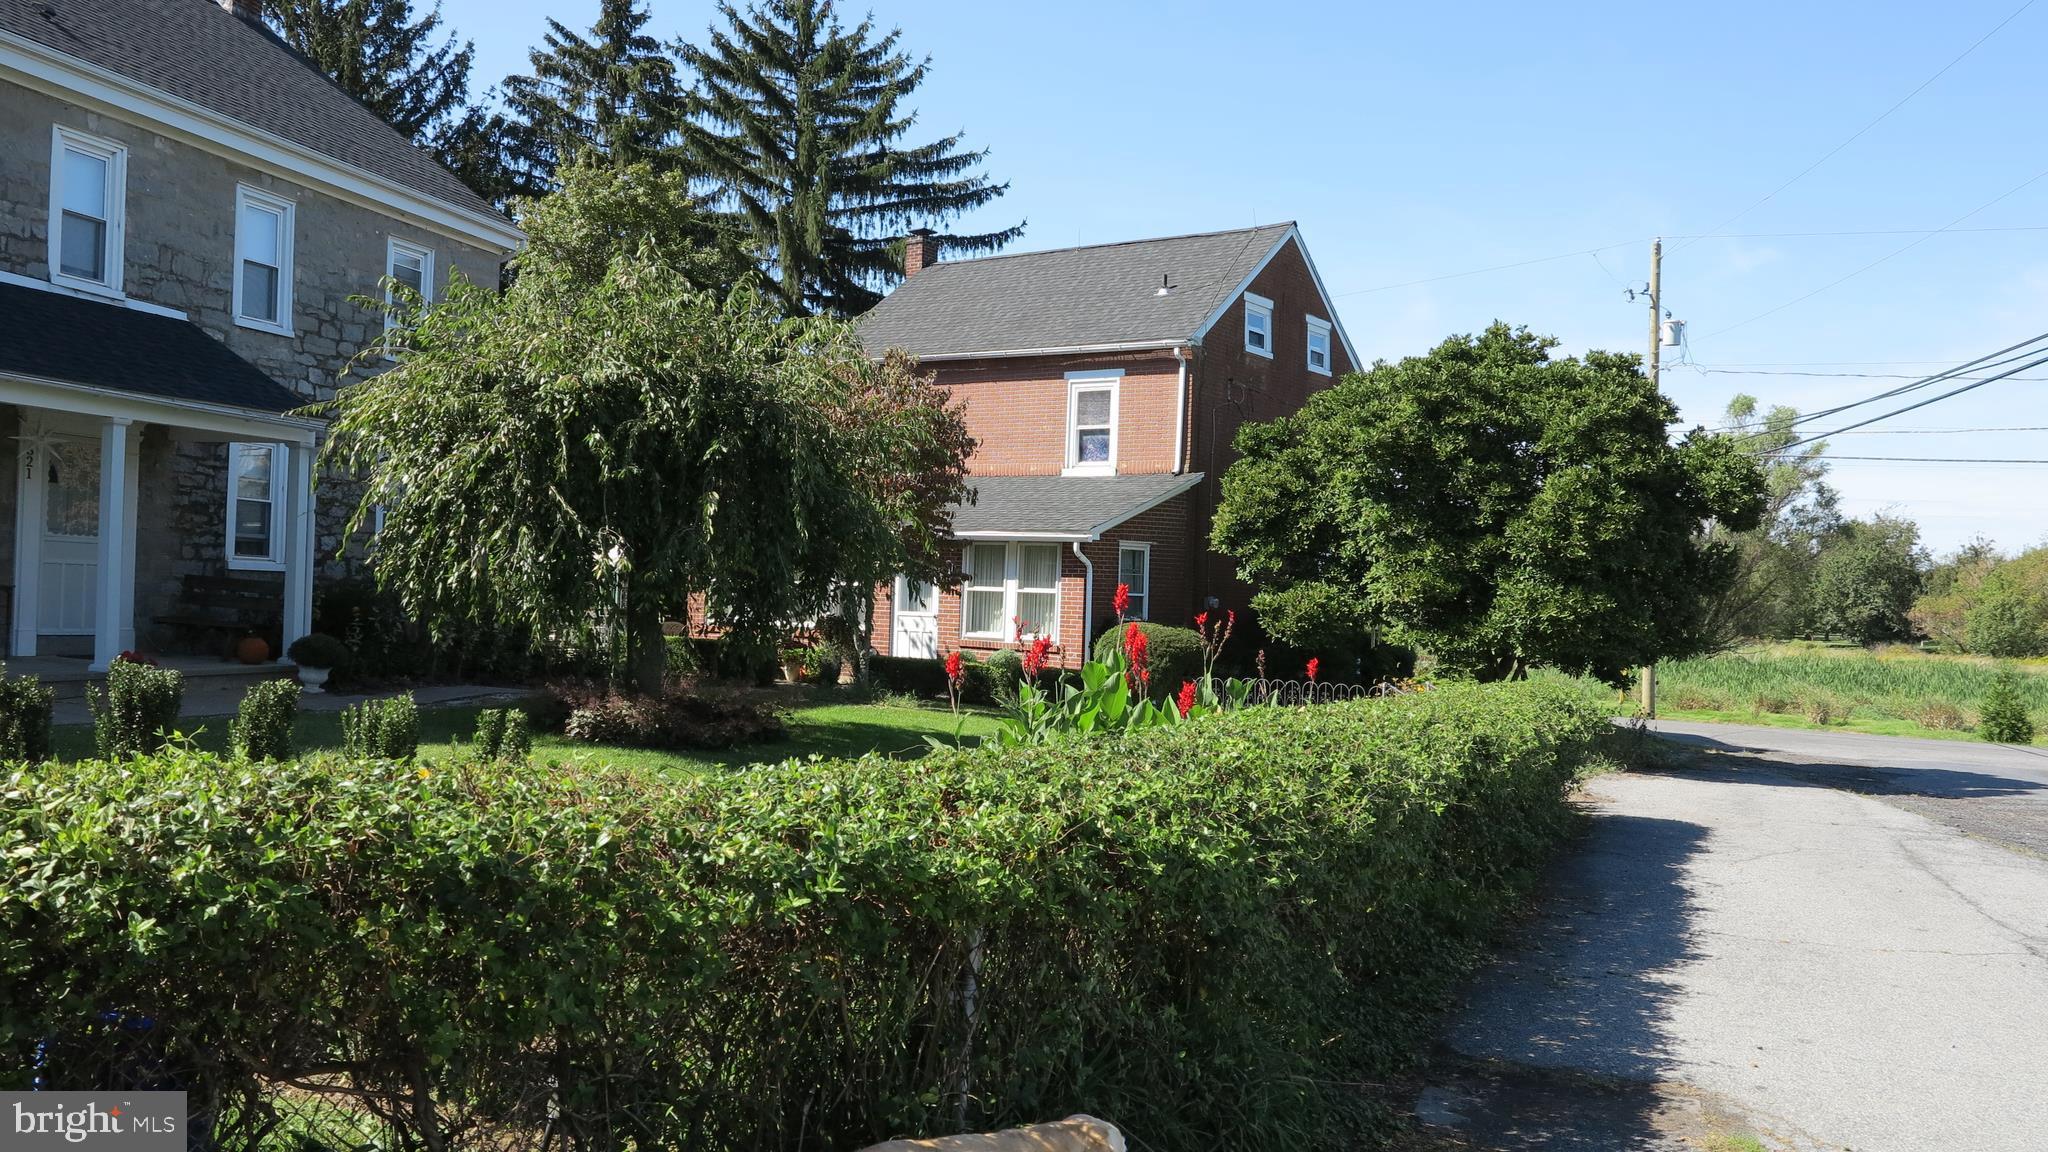 319-321 Keystone Drive 4885 STEUBEN RD, Nazareth, PA 18064